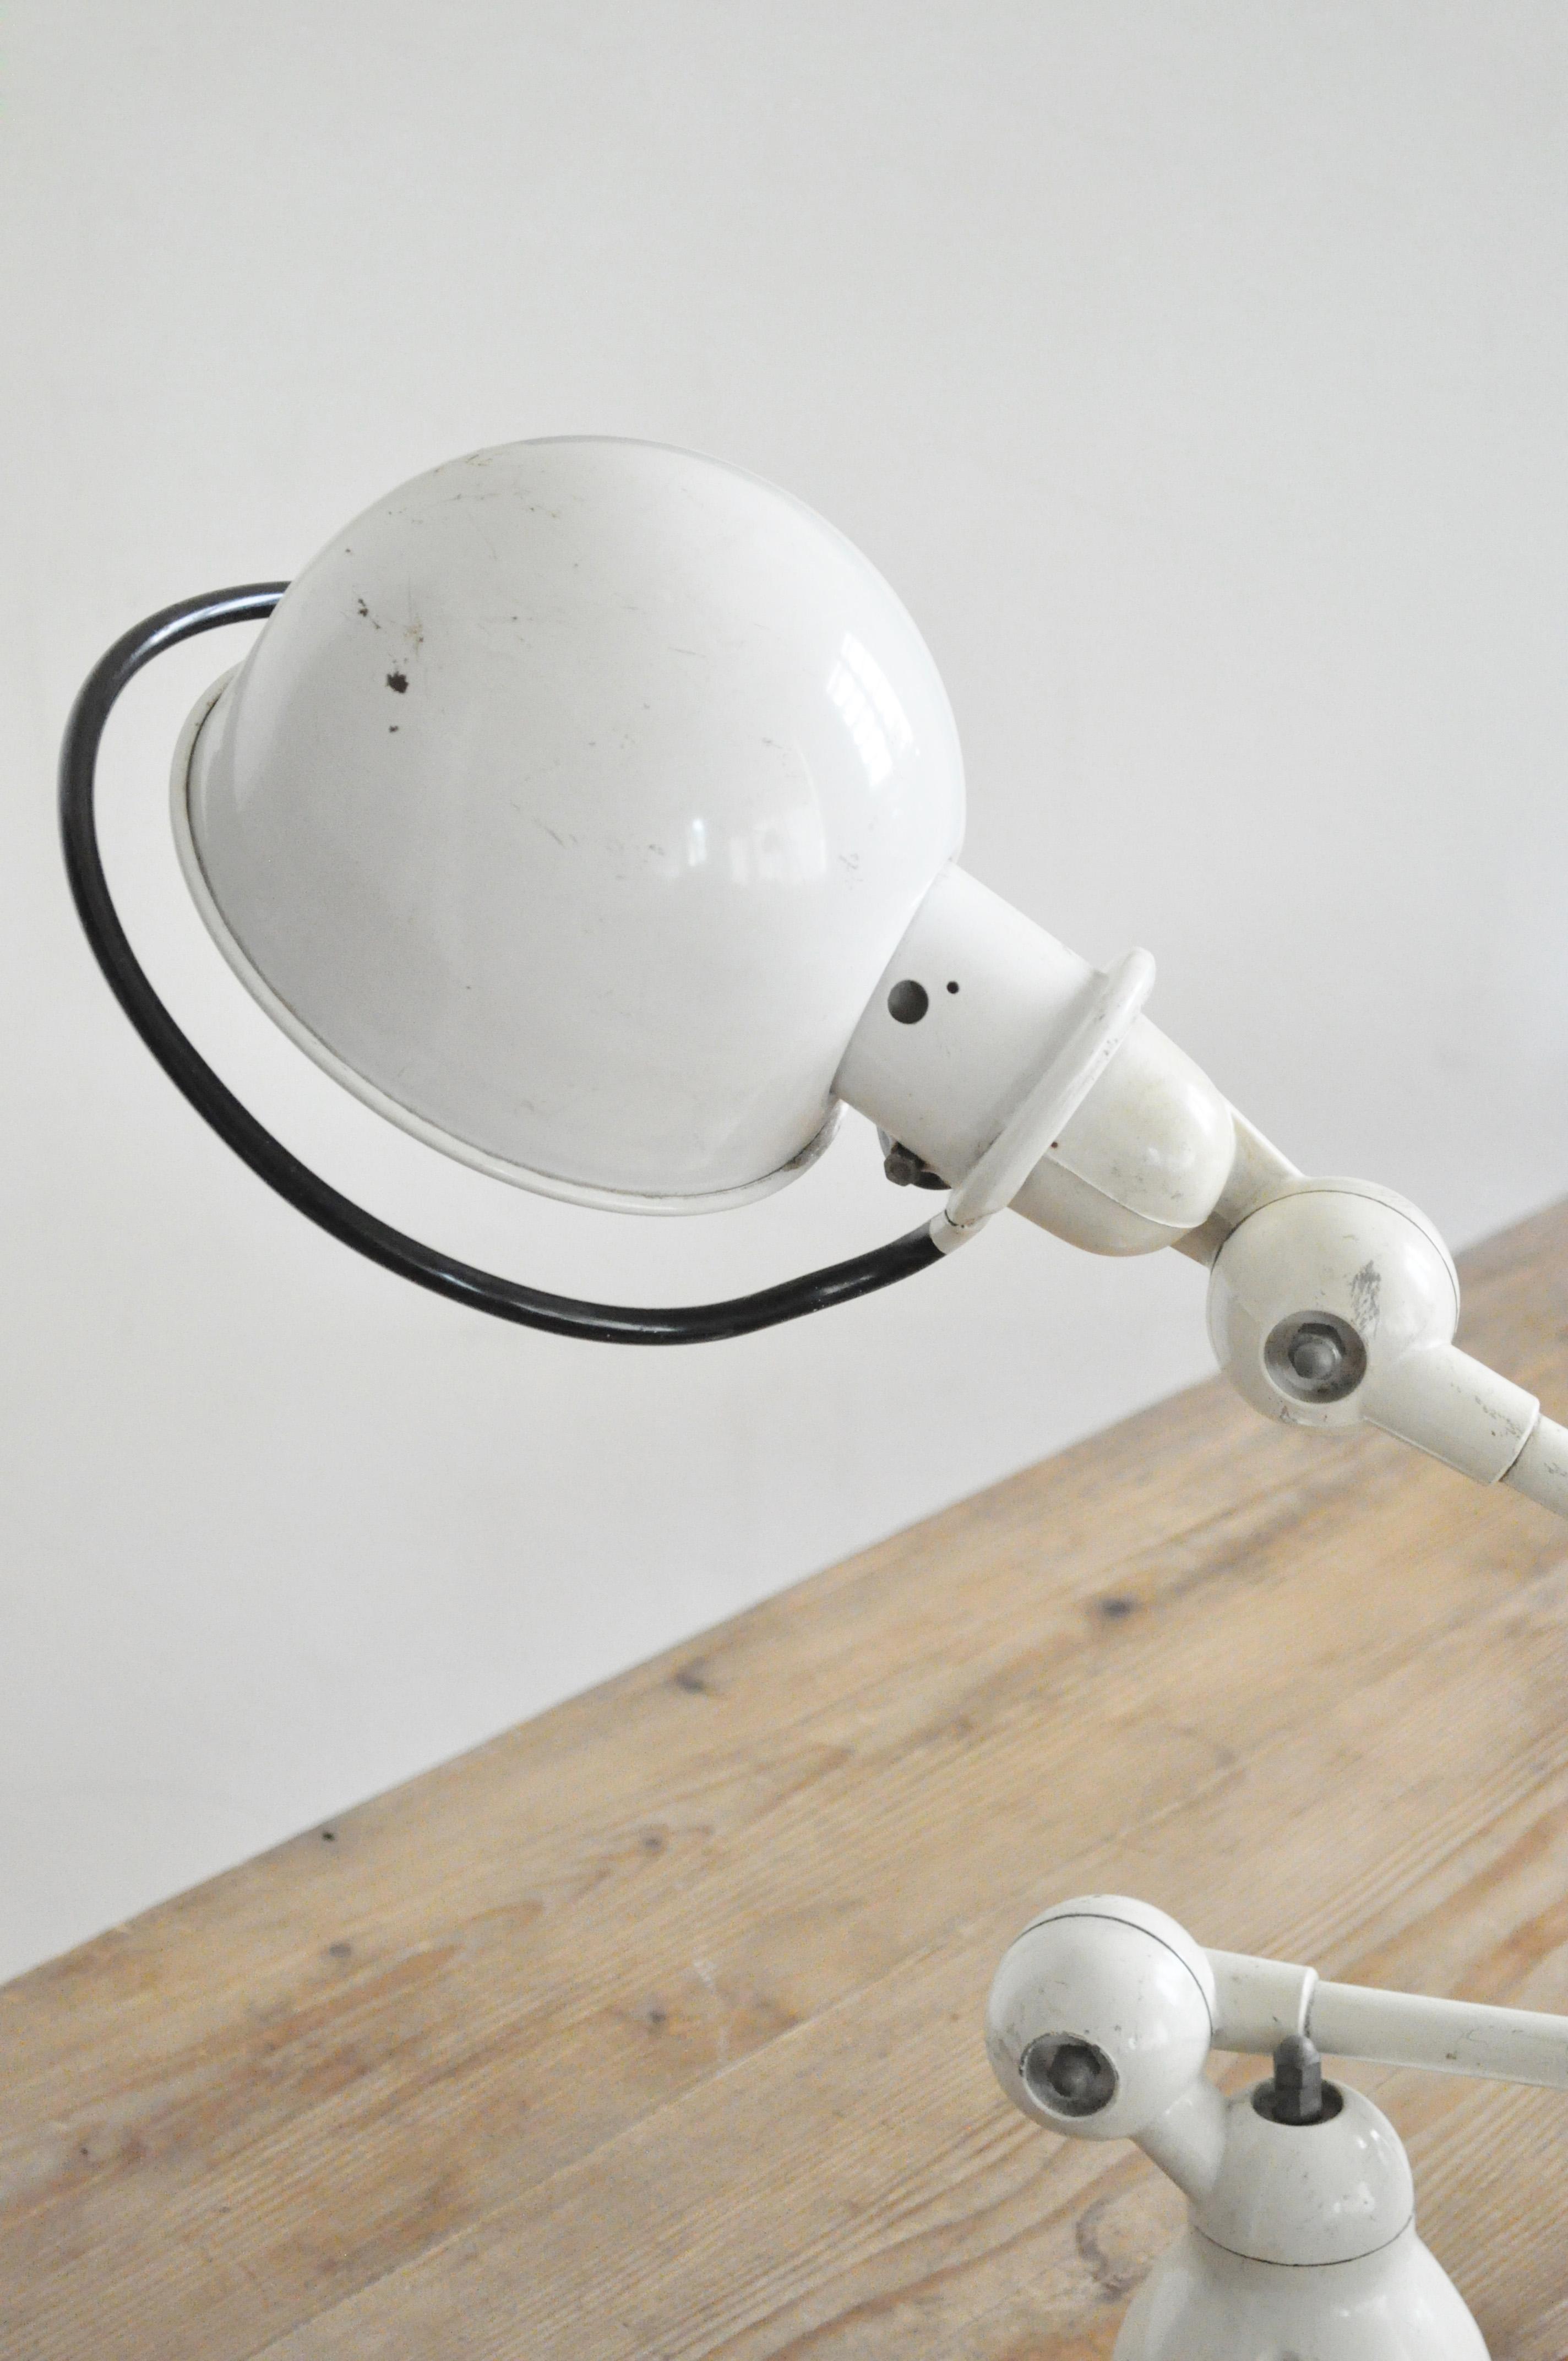 lampe d atelier jield le vide grenier d 39 une parisienne. Black Bedroom Furniture Sets. Home Design Ideas